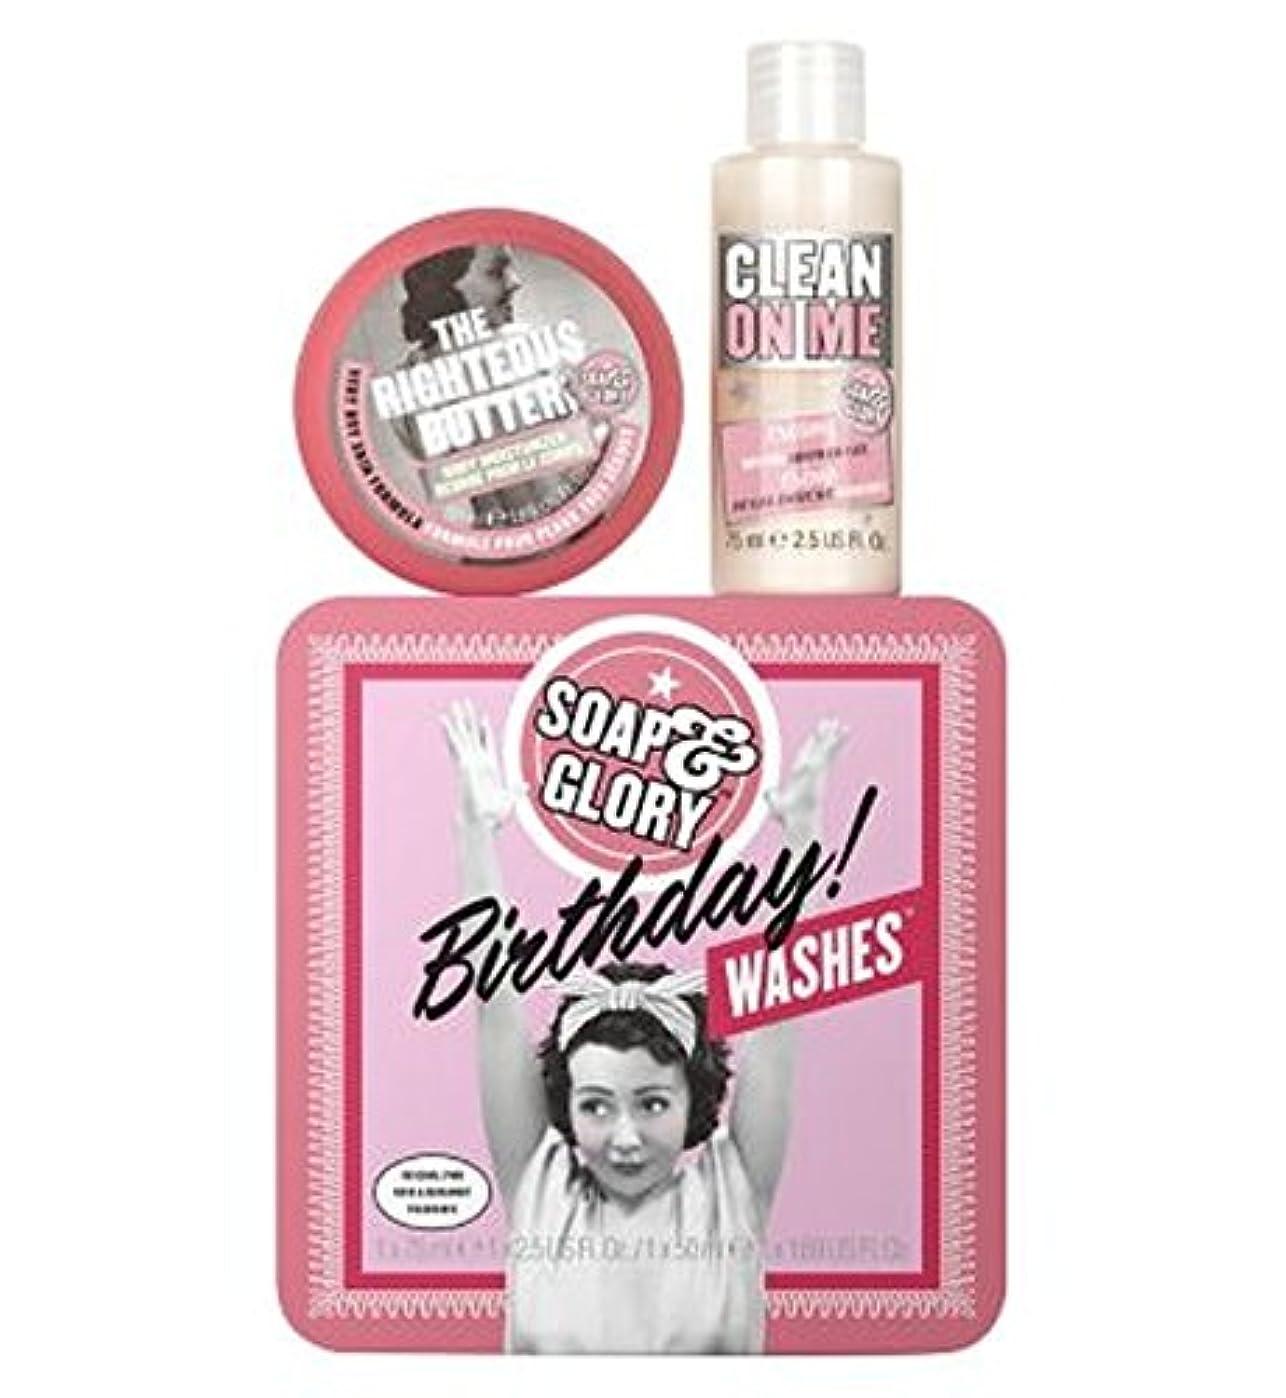 時刻表簡単な熱意石鹸&栄光?の誕生日の洗浄液?ギフトセット (Soap & Glory) (x2) - Soap & Glory? BIRTHDAY WASHES? Gift Set (Pack of 2) [並行輸入品]